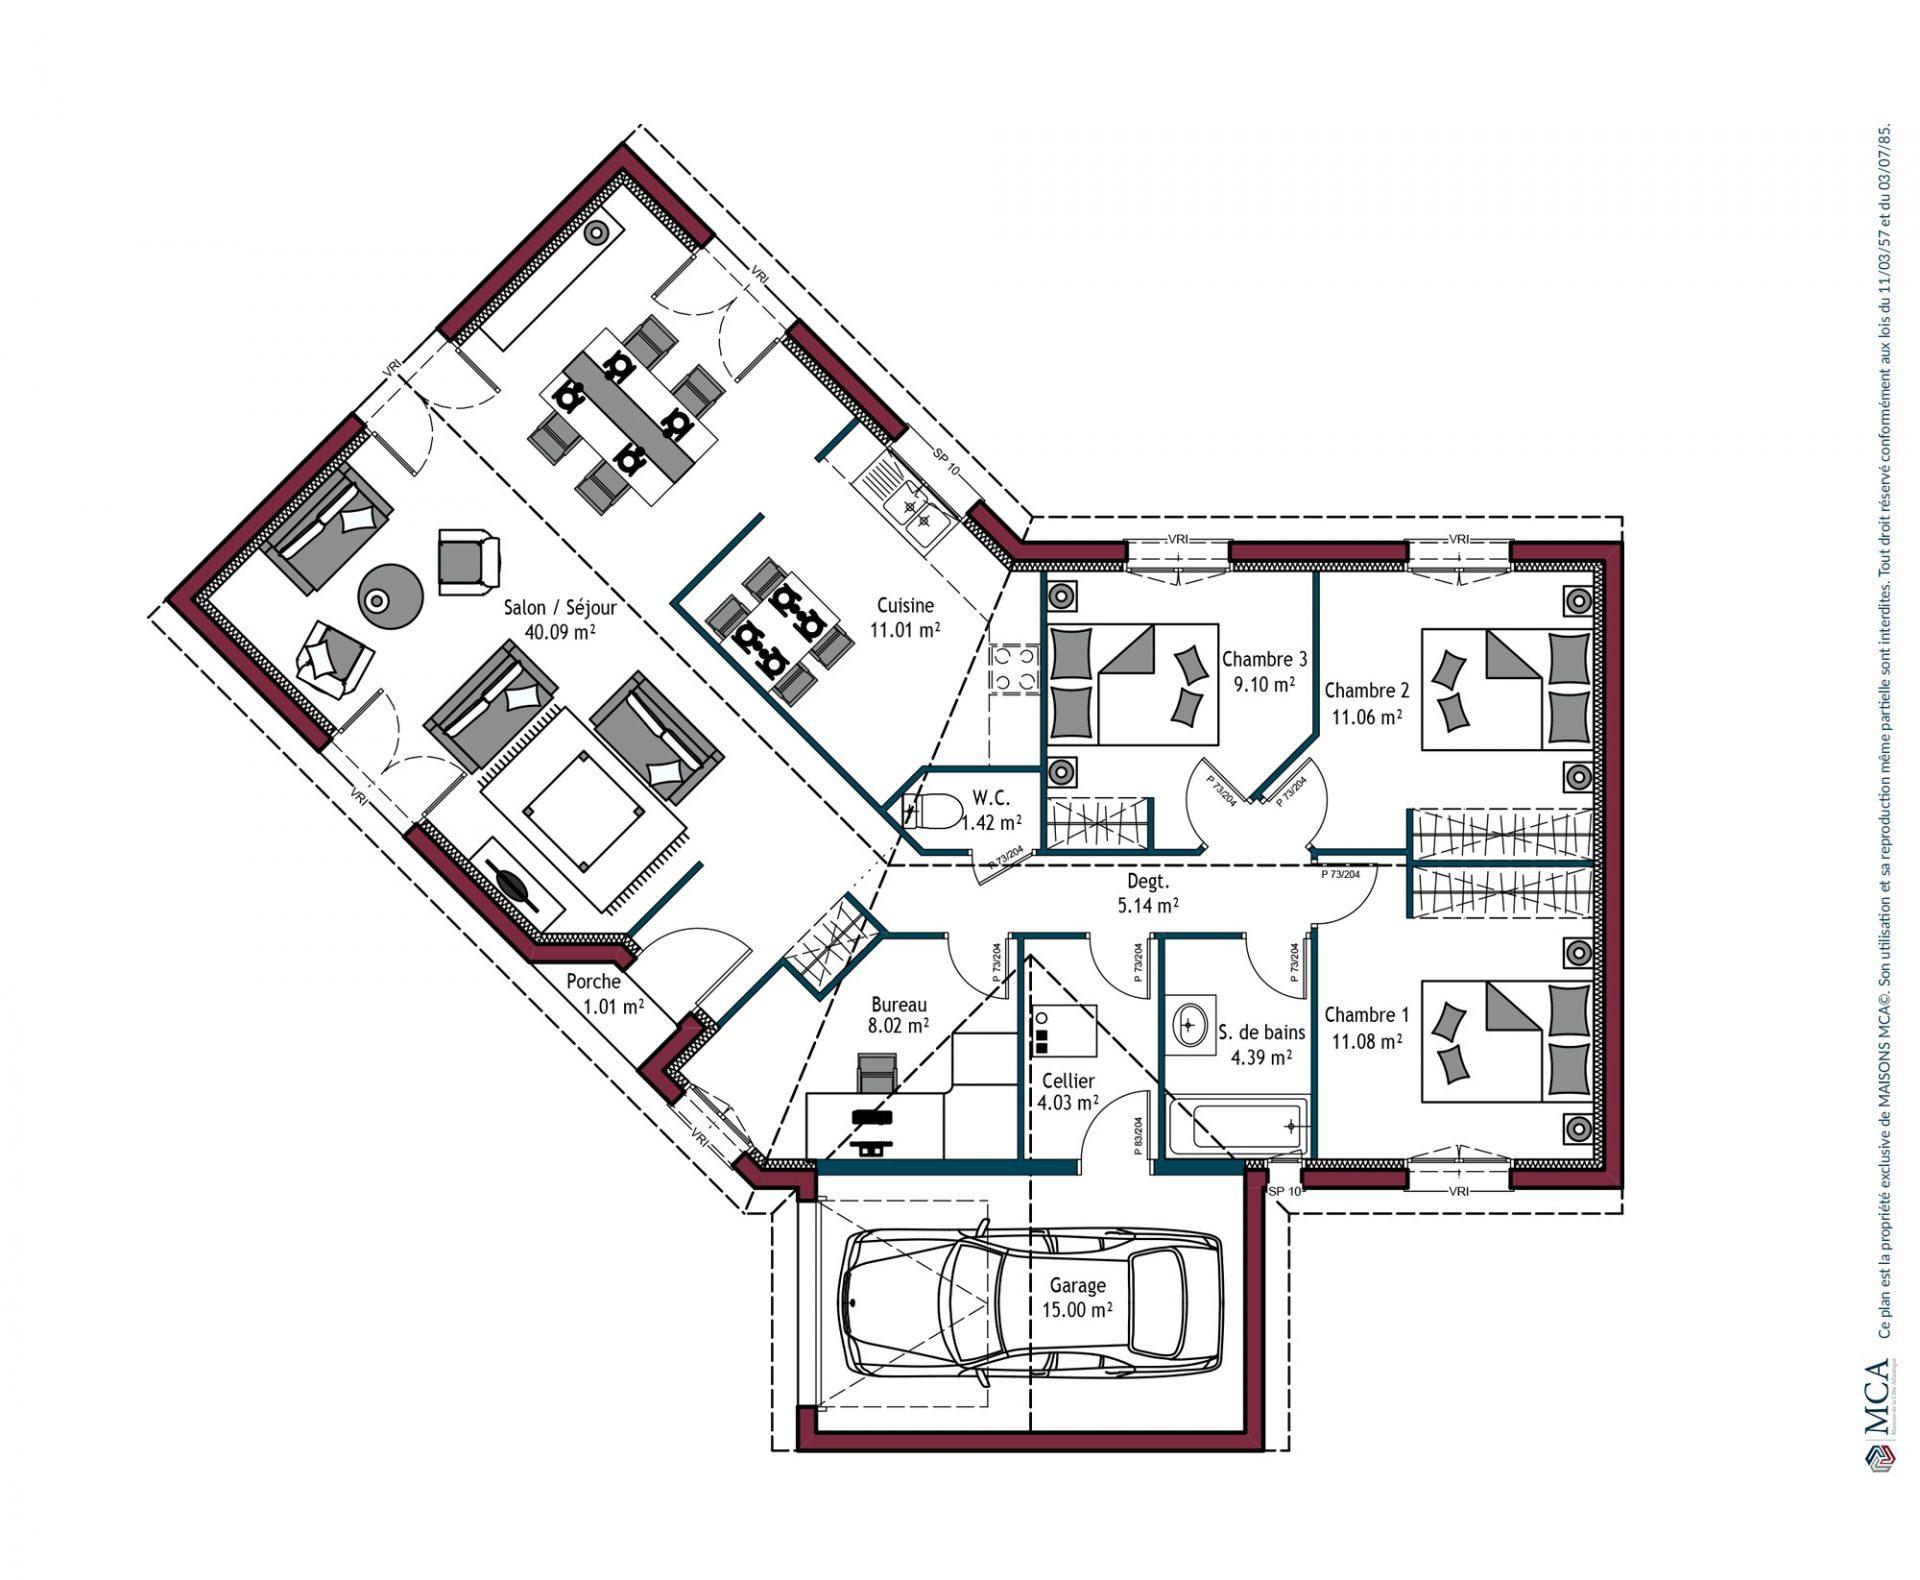 Plan Floride | 105 m²